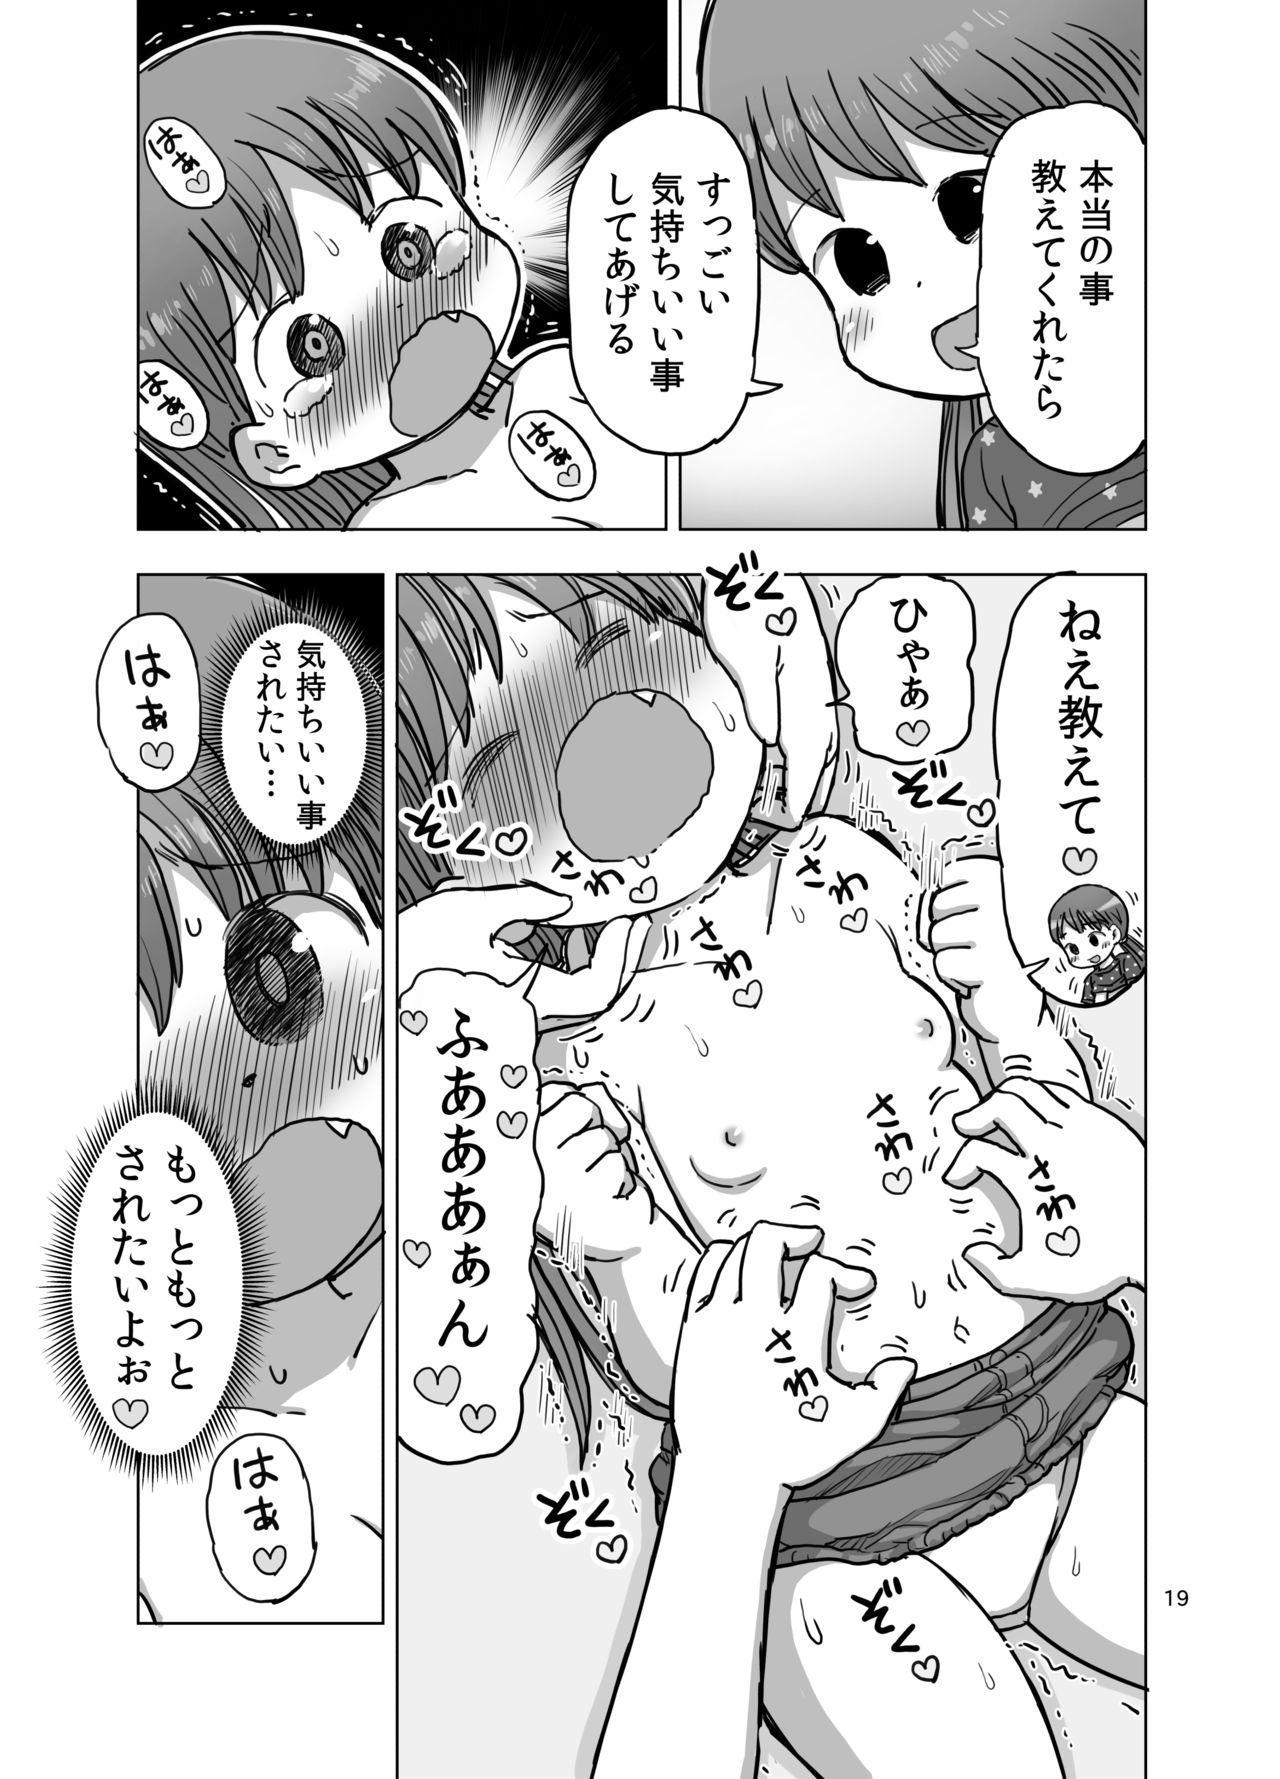 Feather Touch de Jirasarete Onanie Shichau Manga 17